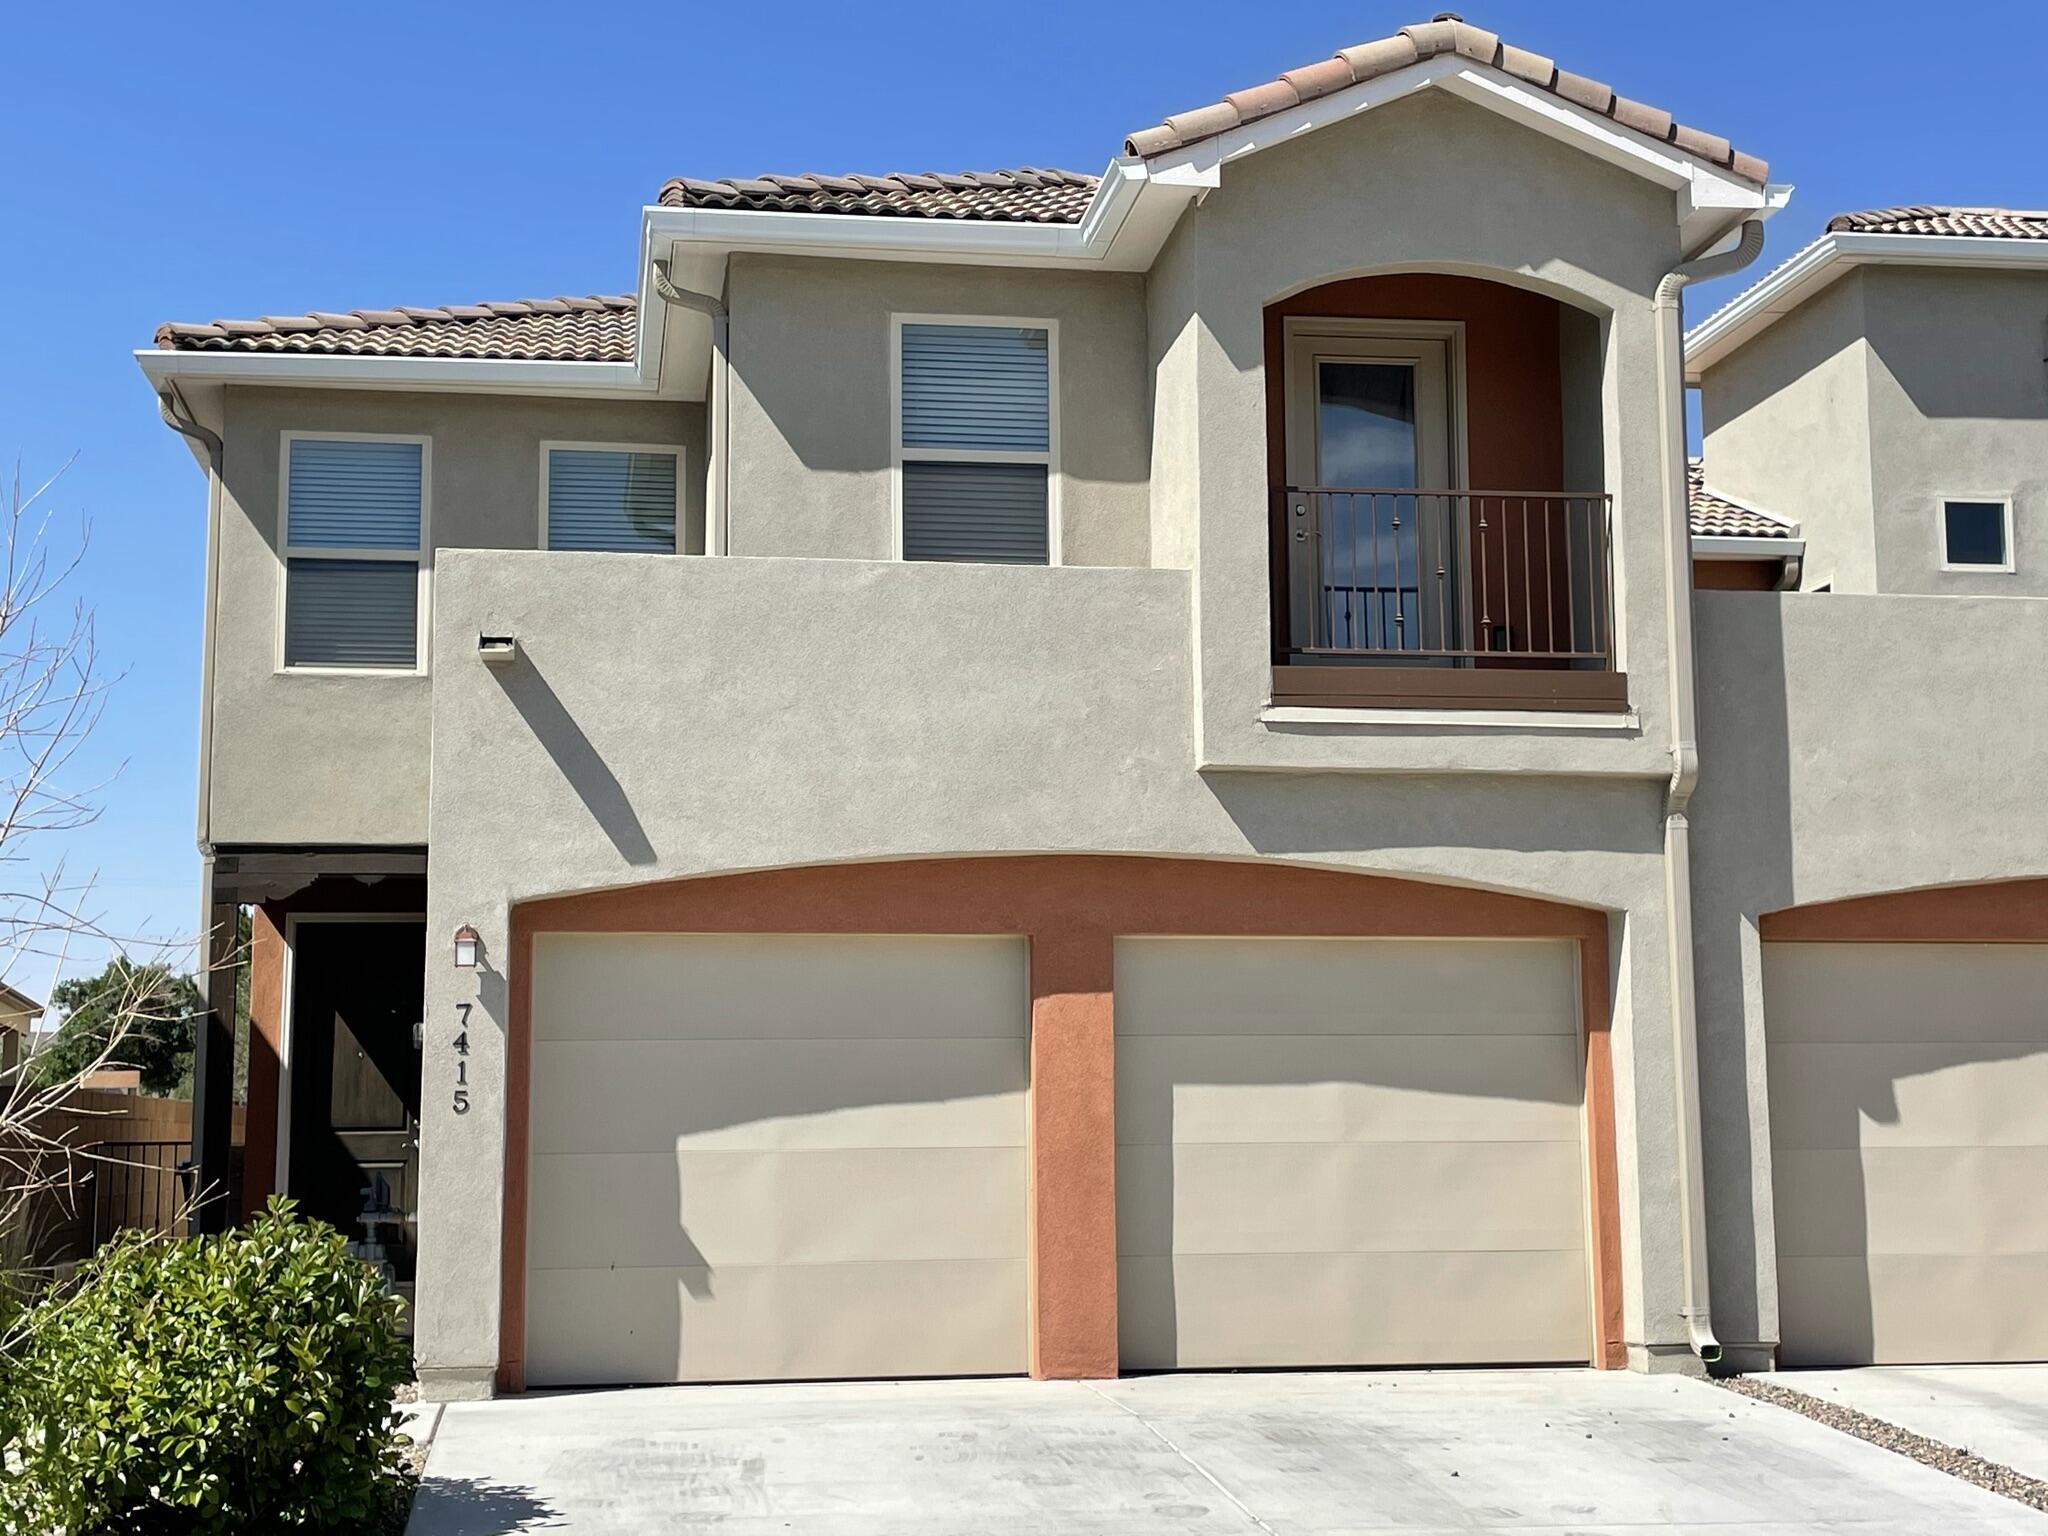 7415 TANGERINE Court, Albuquerque NM 87109